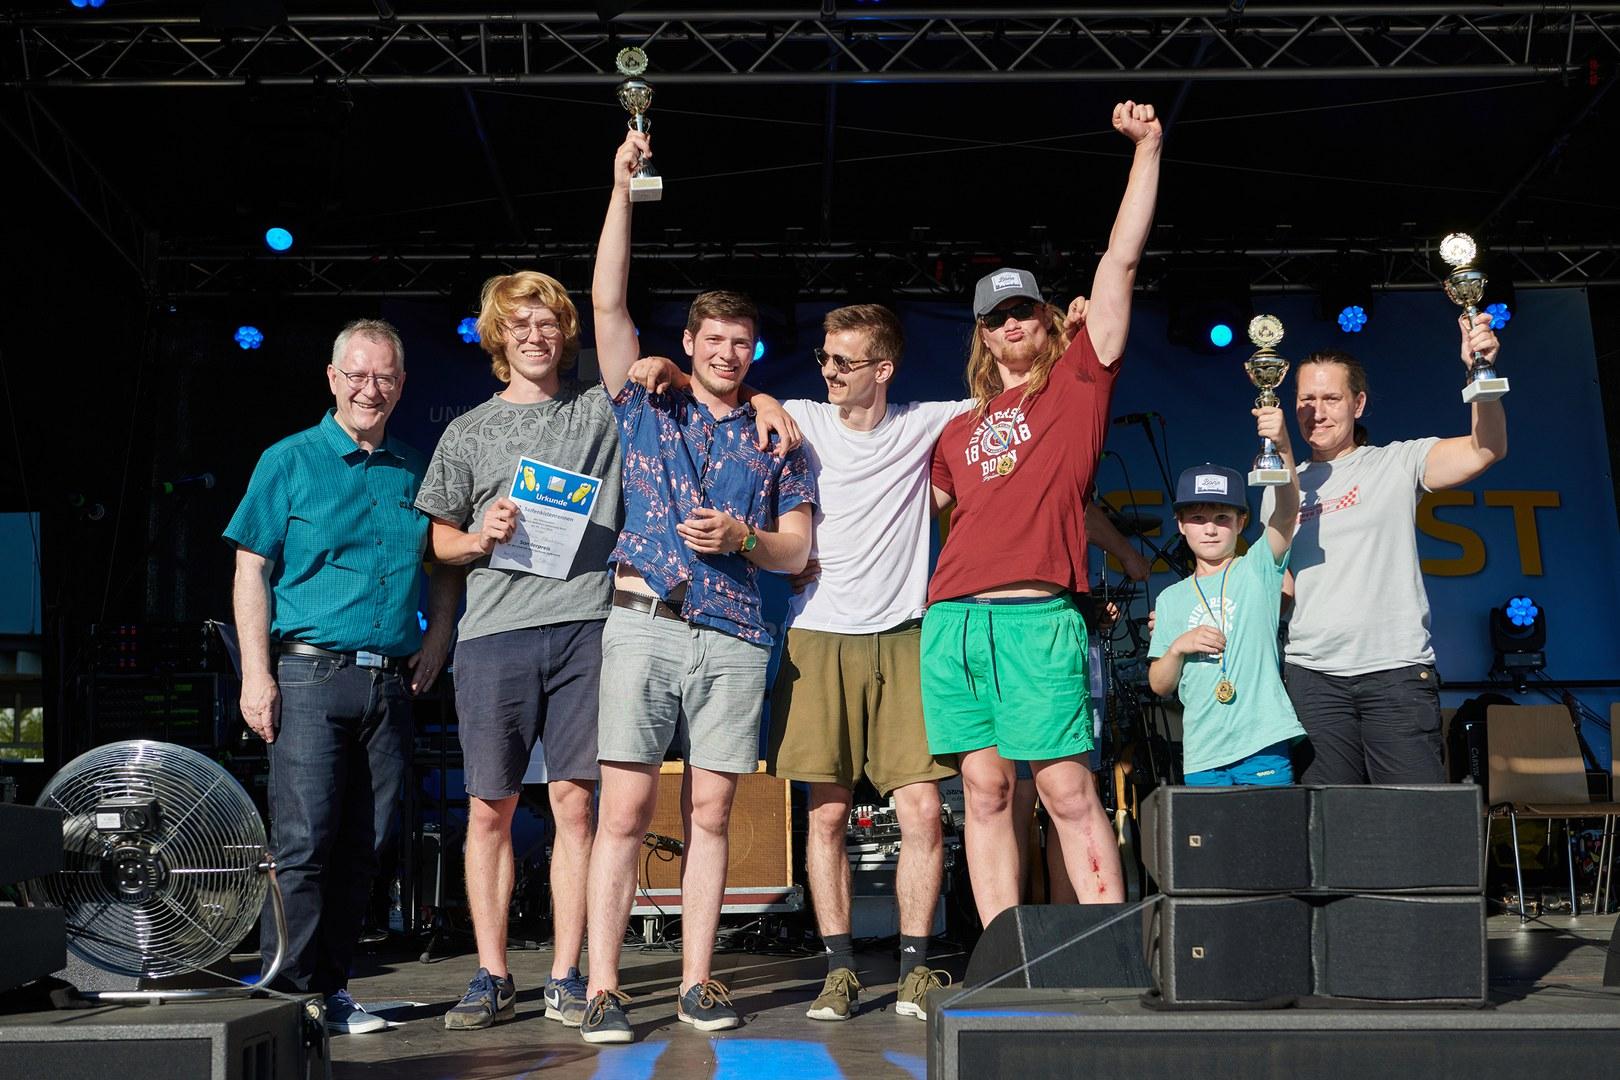 Die Sieger des Seifenkistenrennens